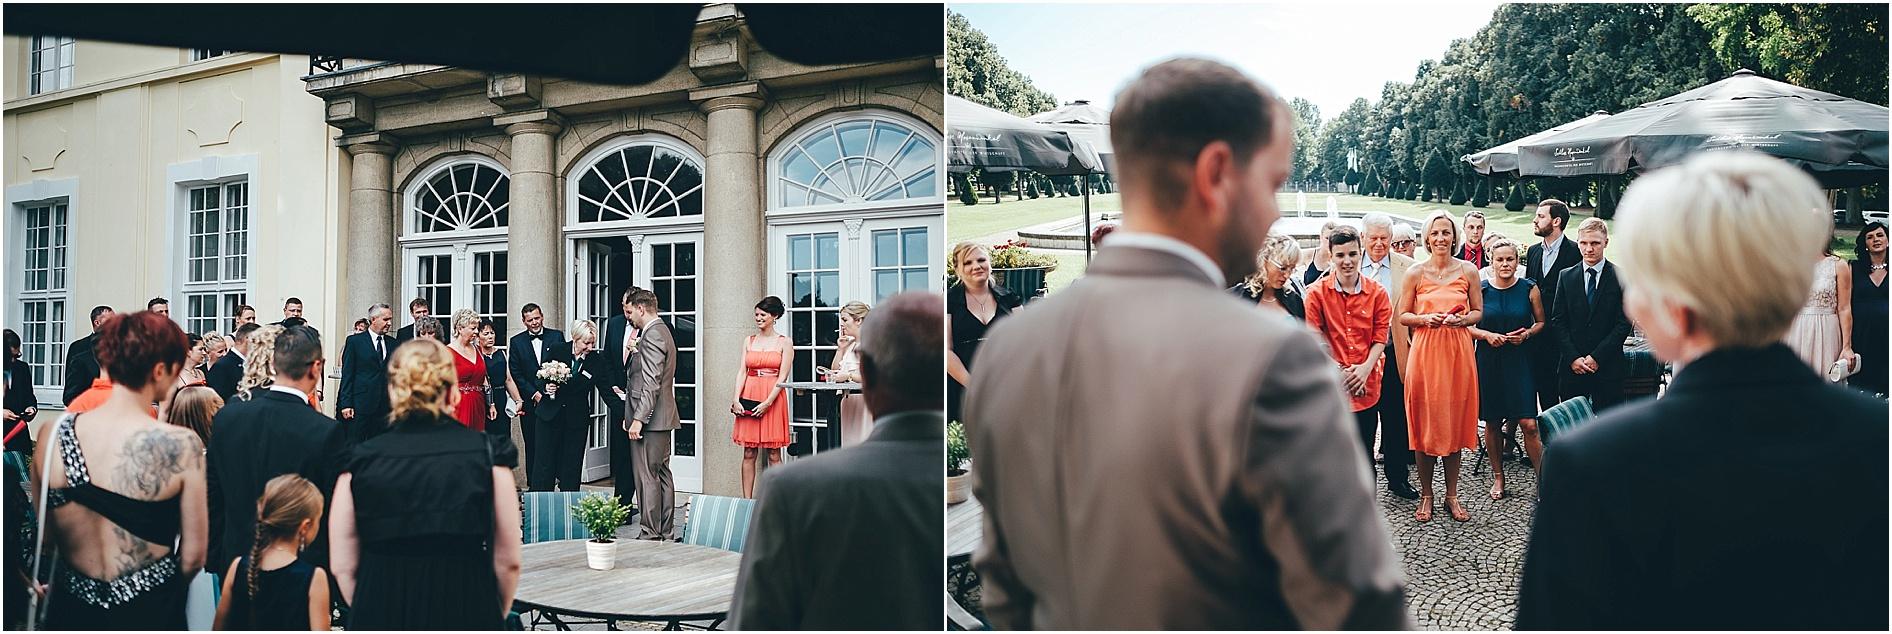 Hochzeitsfotograf Schwerin, Schloss Hasenwinkel, Caro und Marc, 2017-01-17_0021.jpg